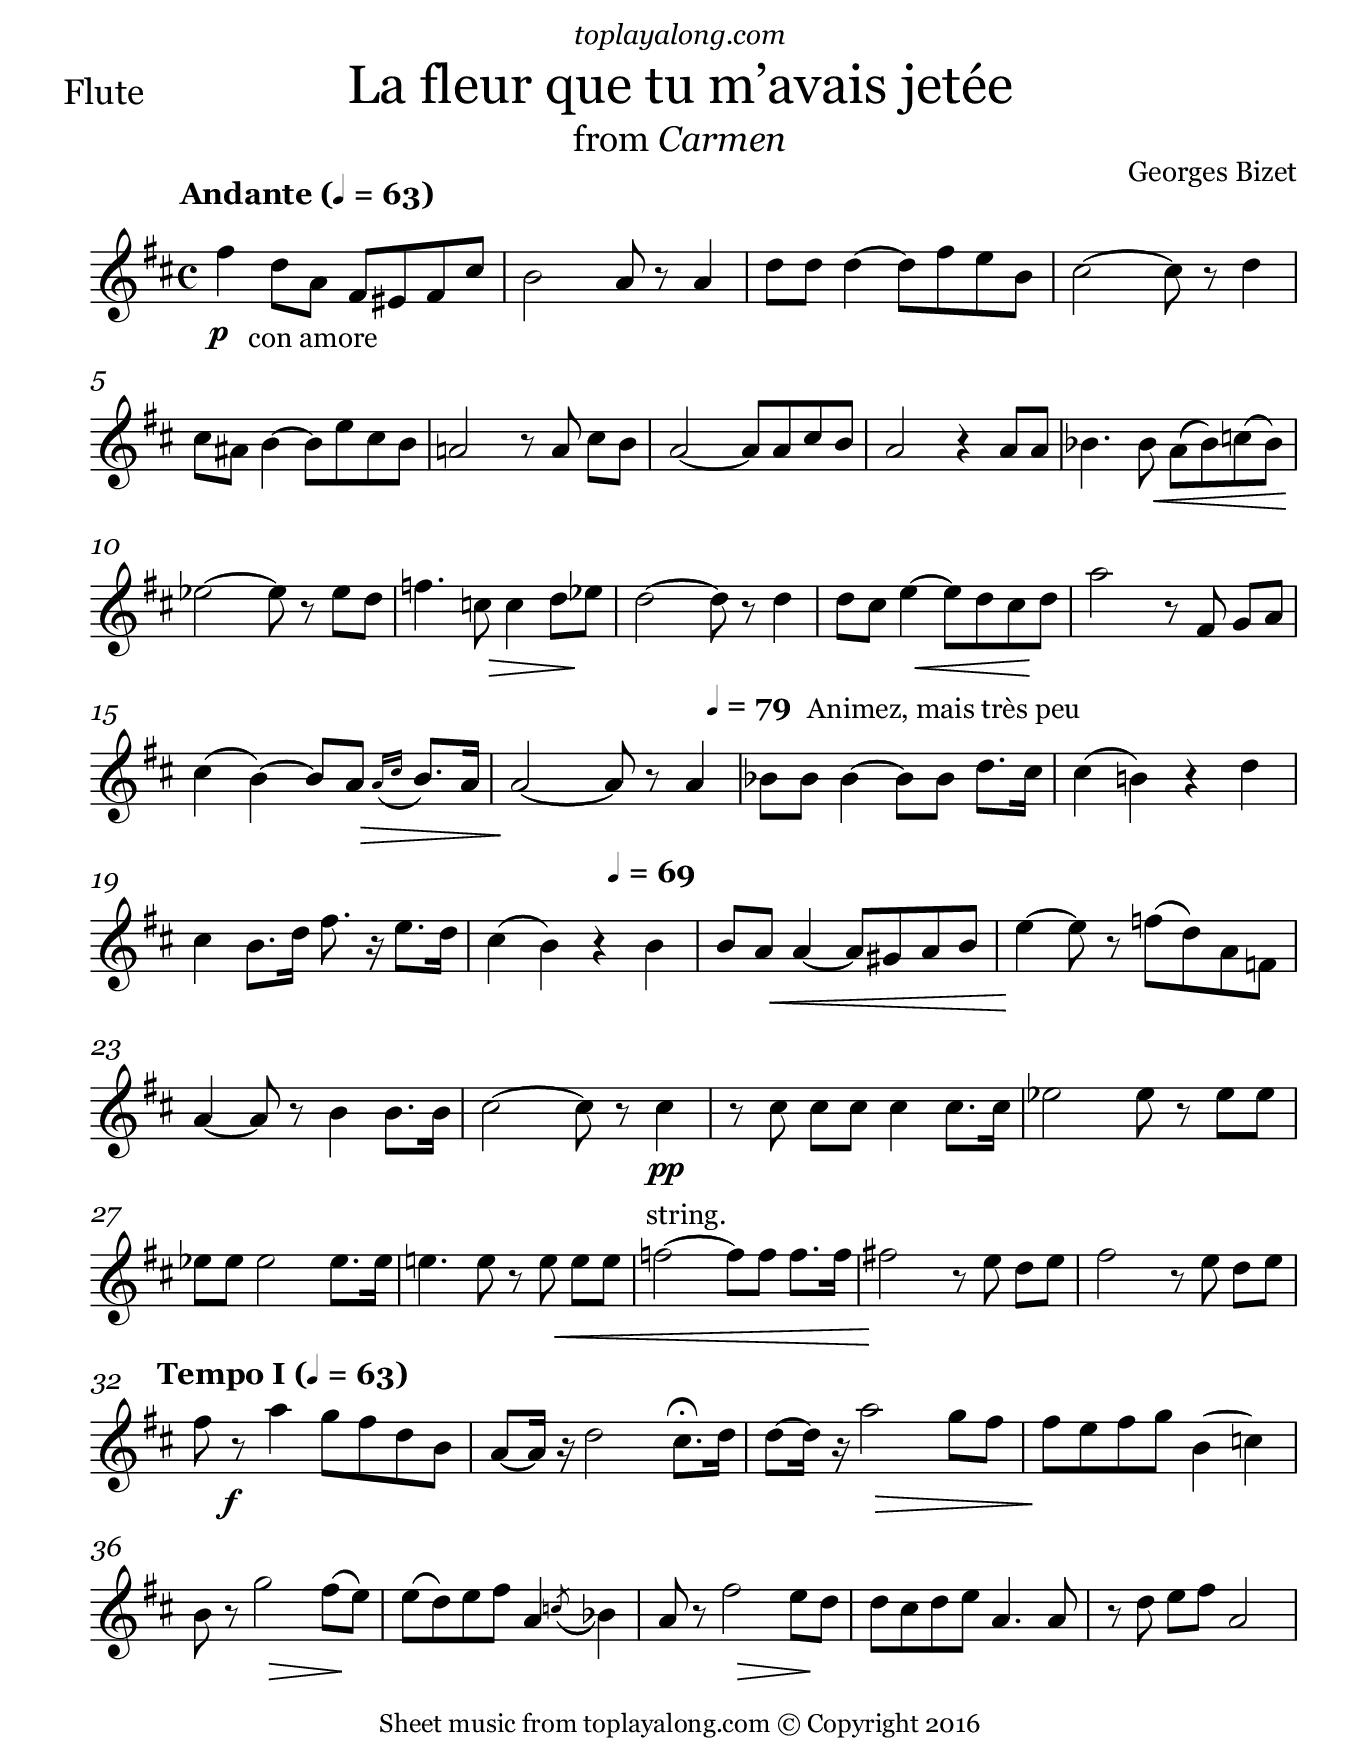 La fleur que tu m'avais jetée from Carmen by Bizet. Sheet music for Flute, page 1.